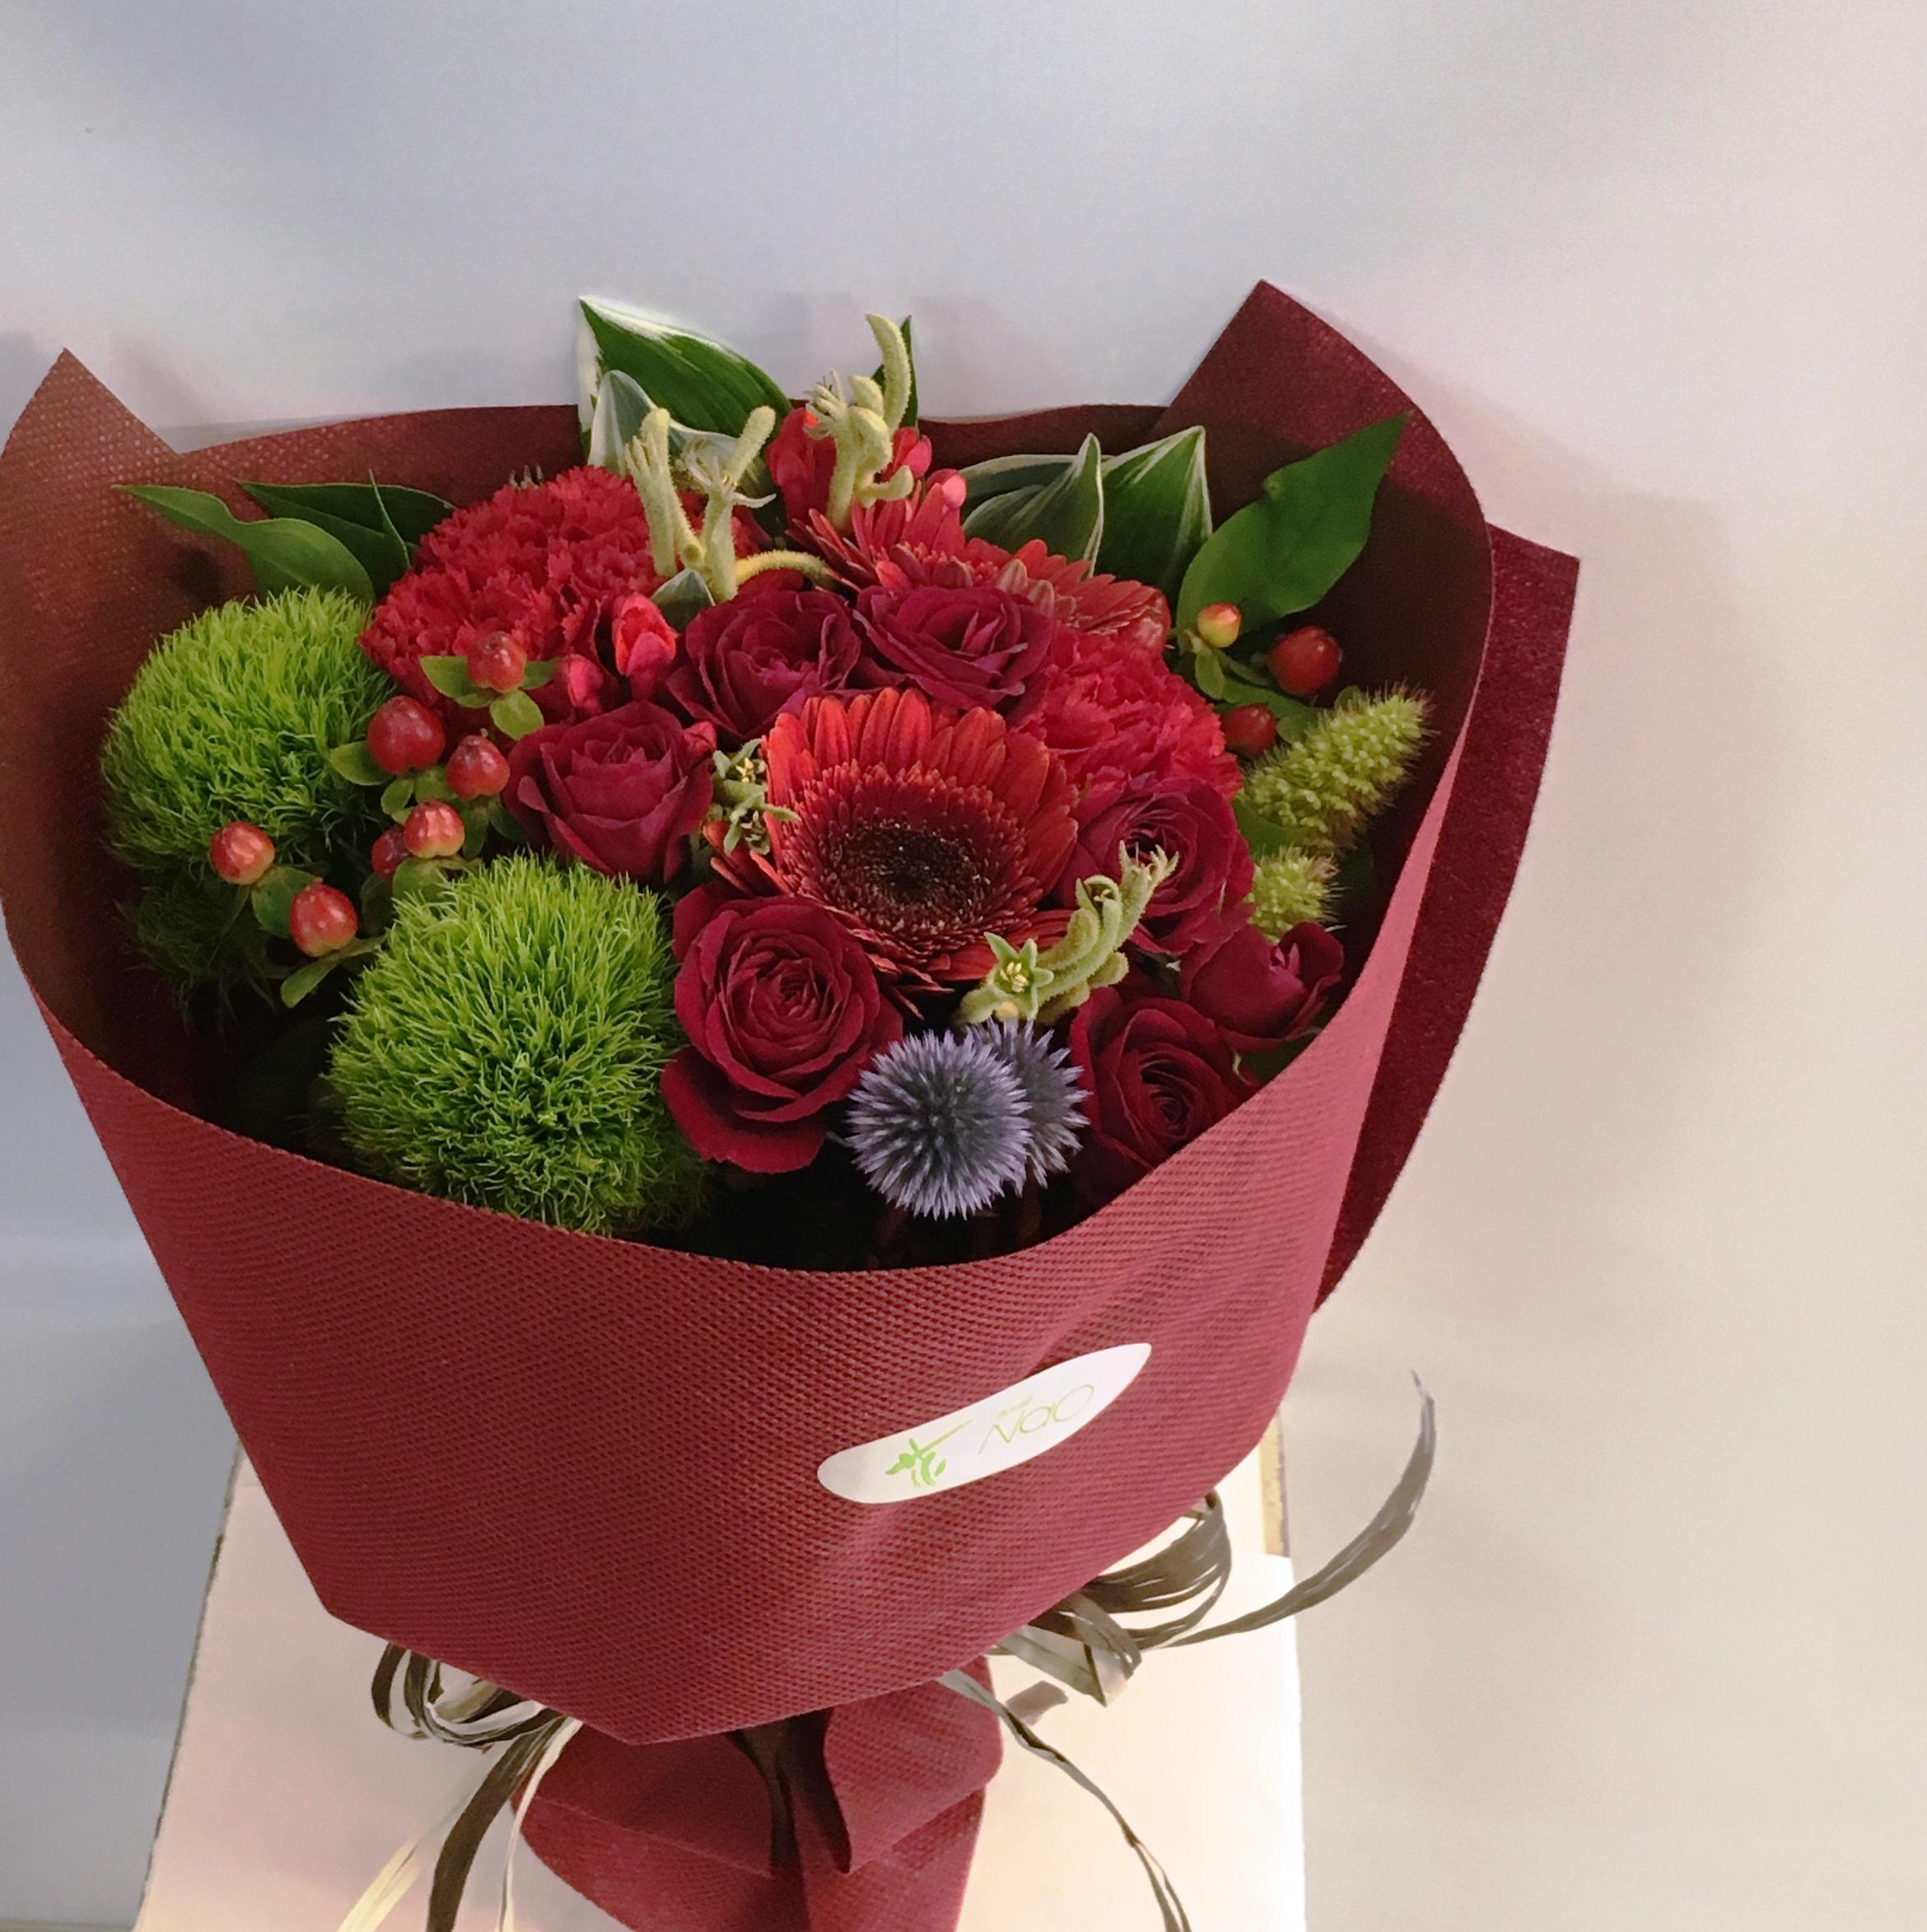 【ナオ花屋の納品事例52】横浜市中区関内の法人企業様より花束を配達しました!